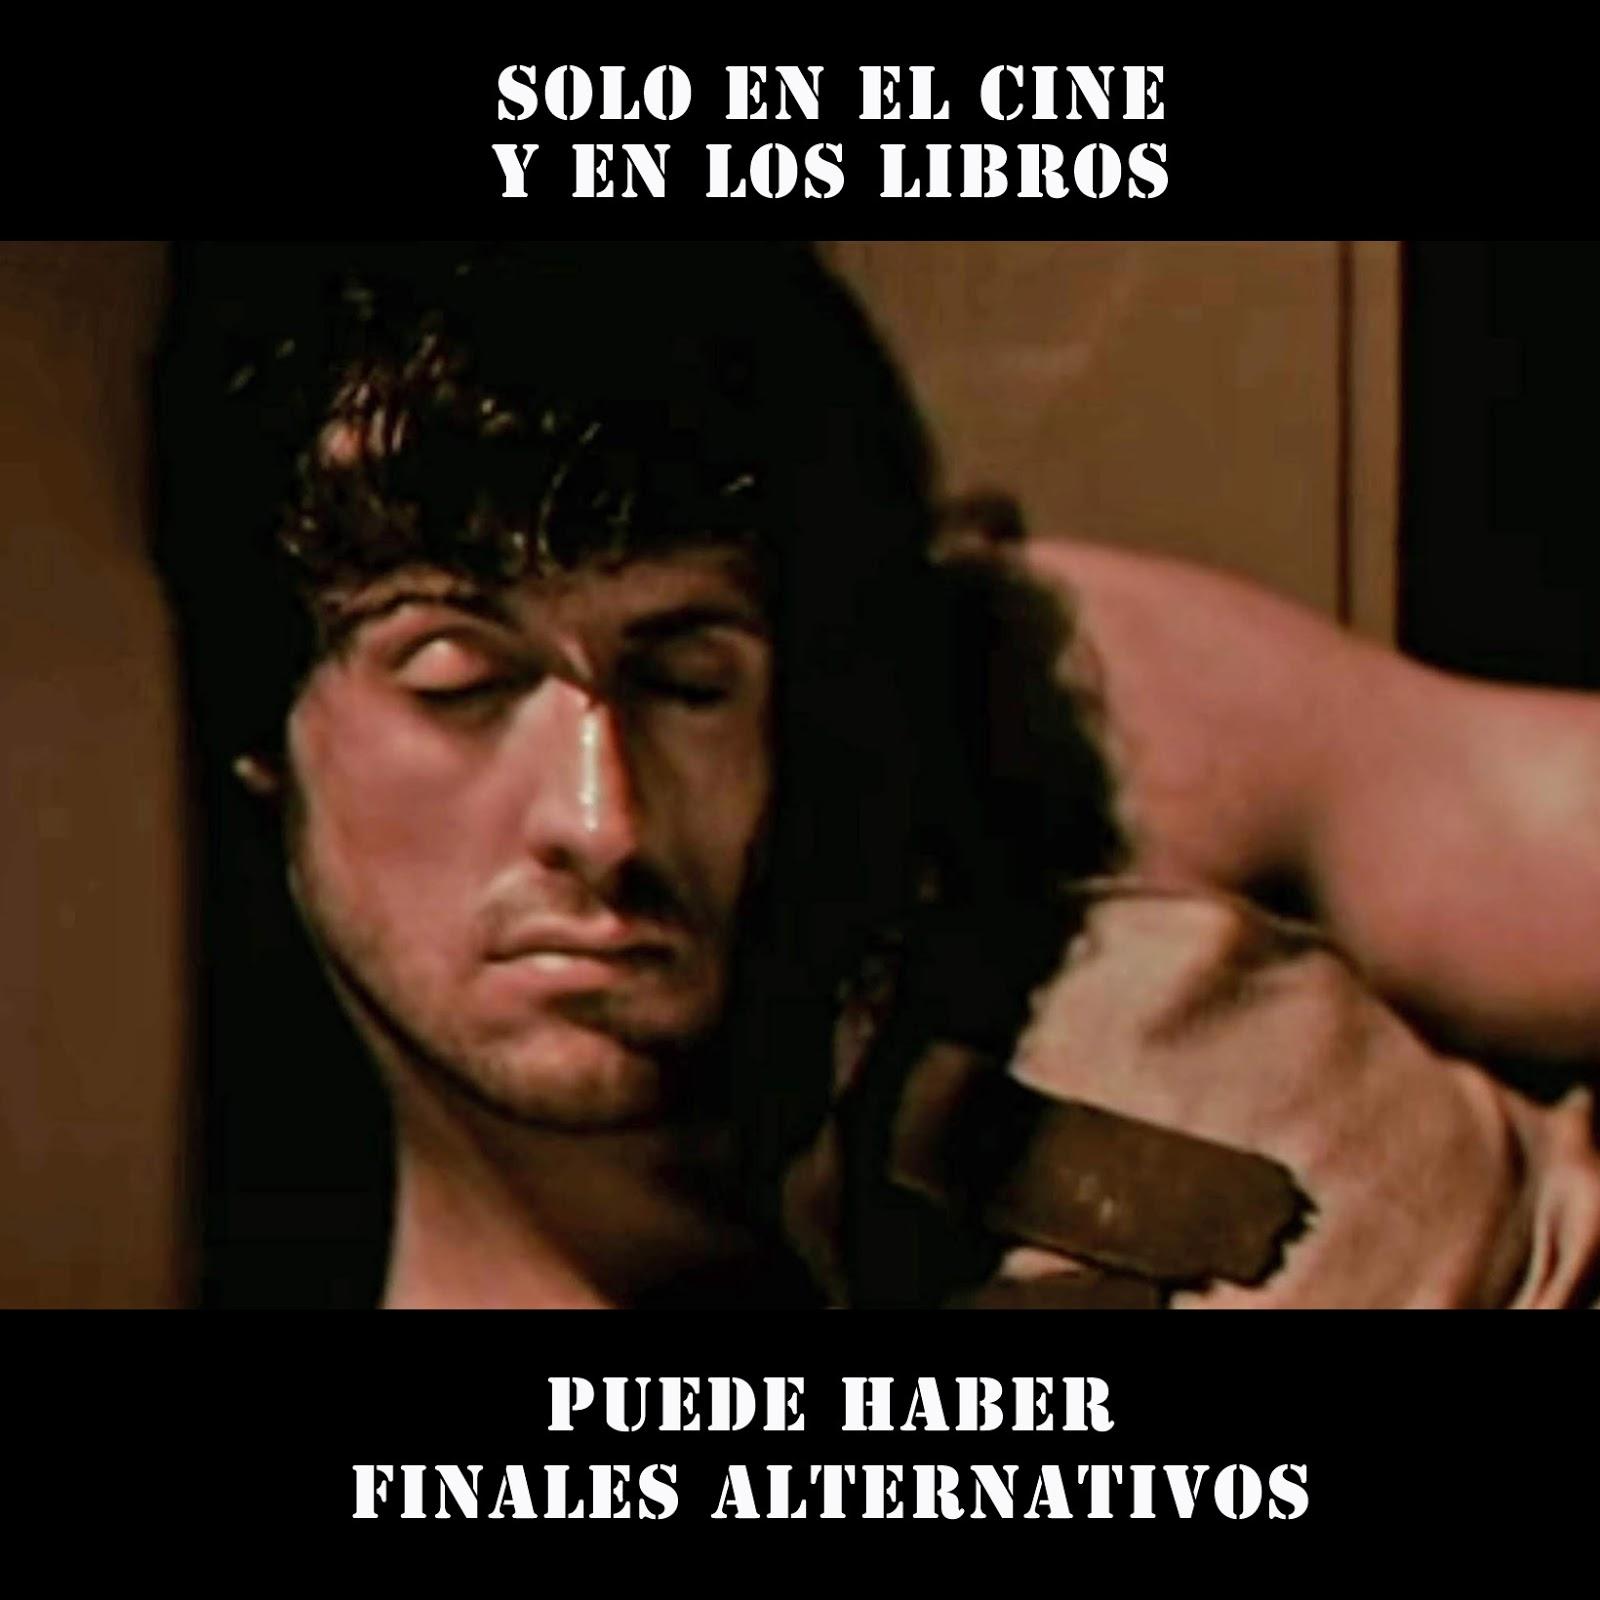 Jonh Rambo